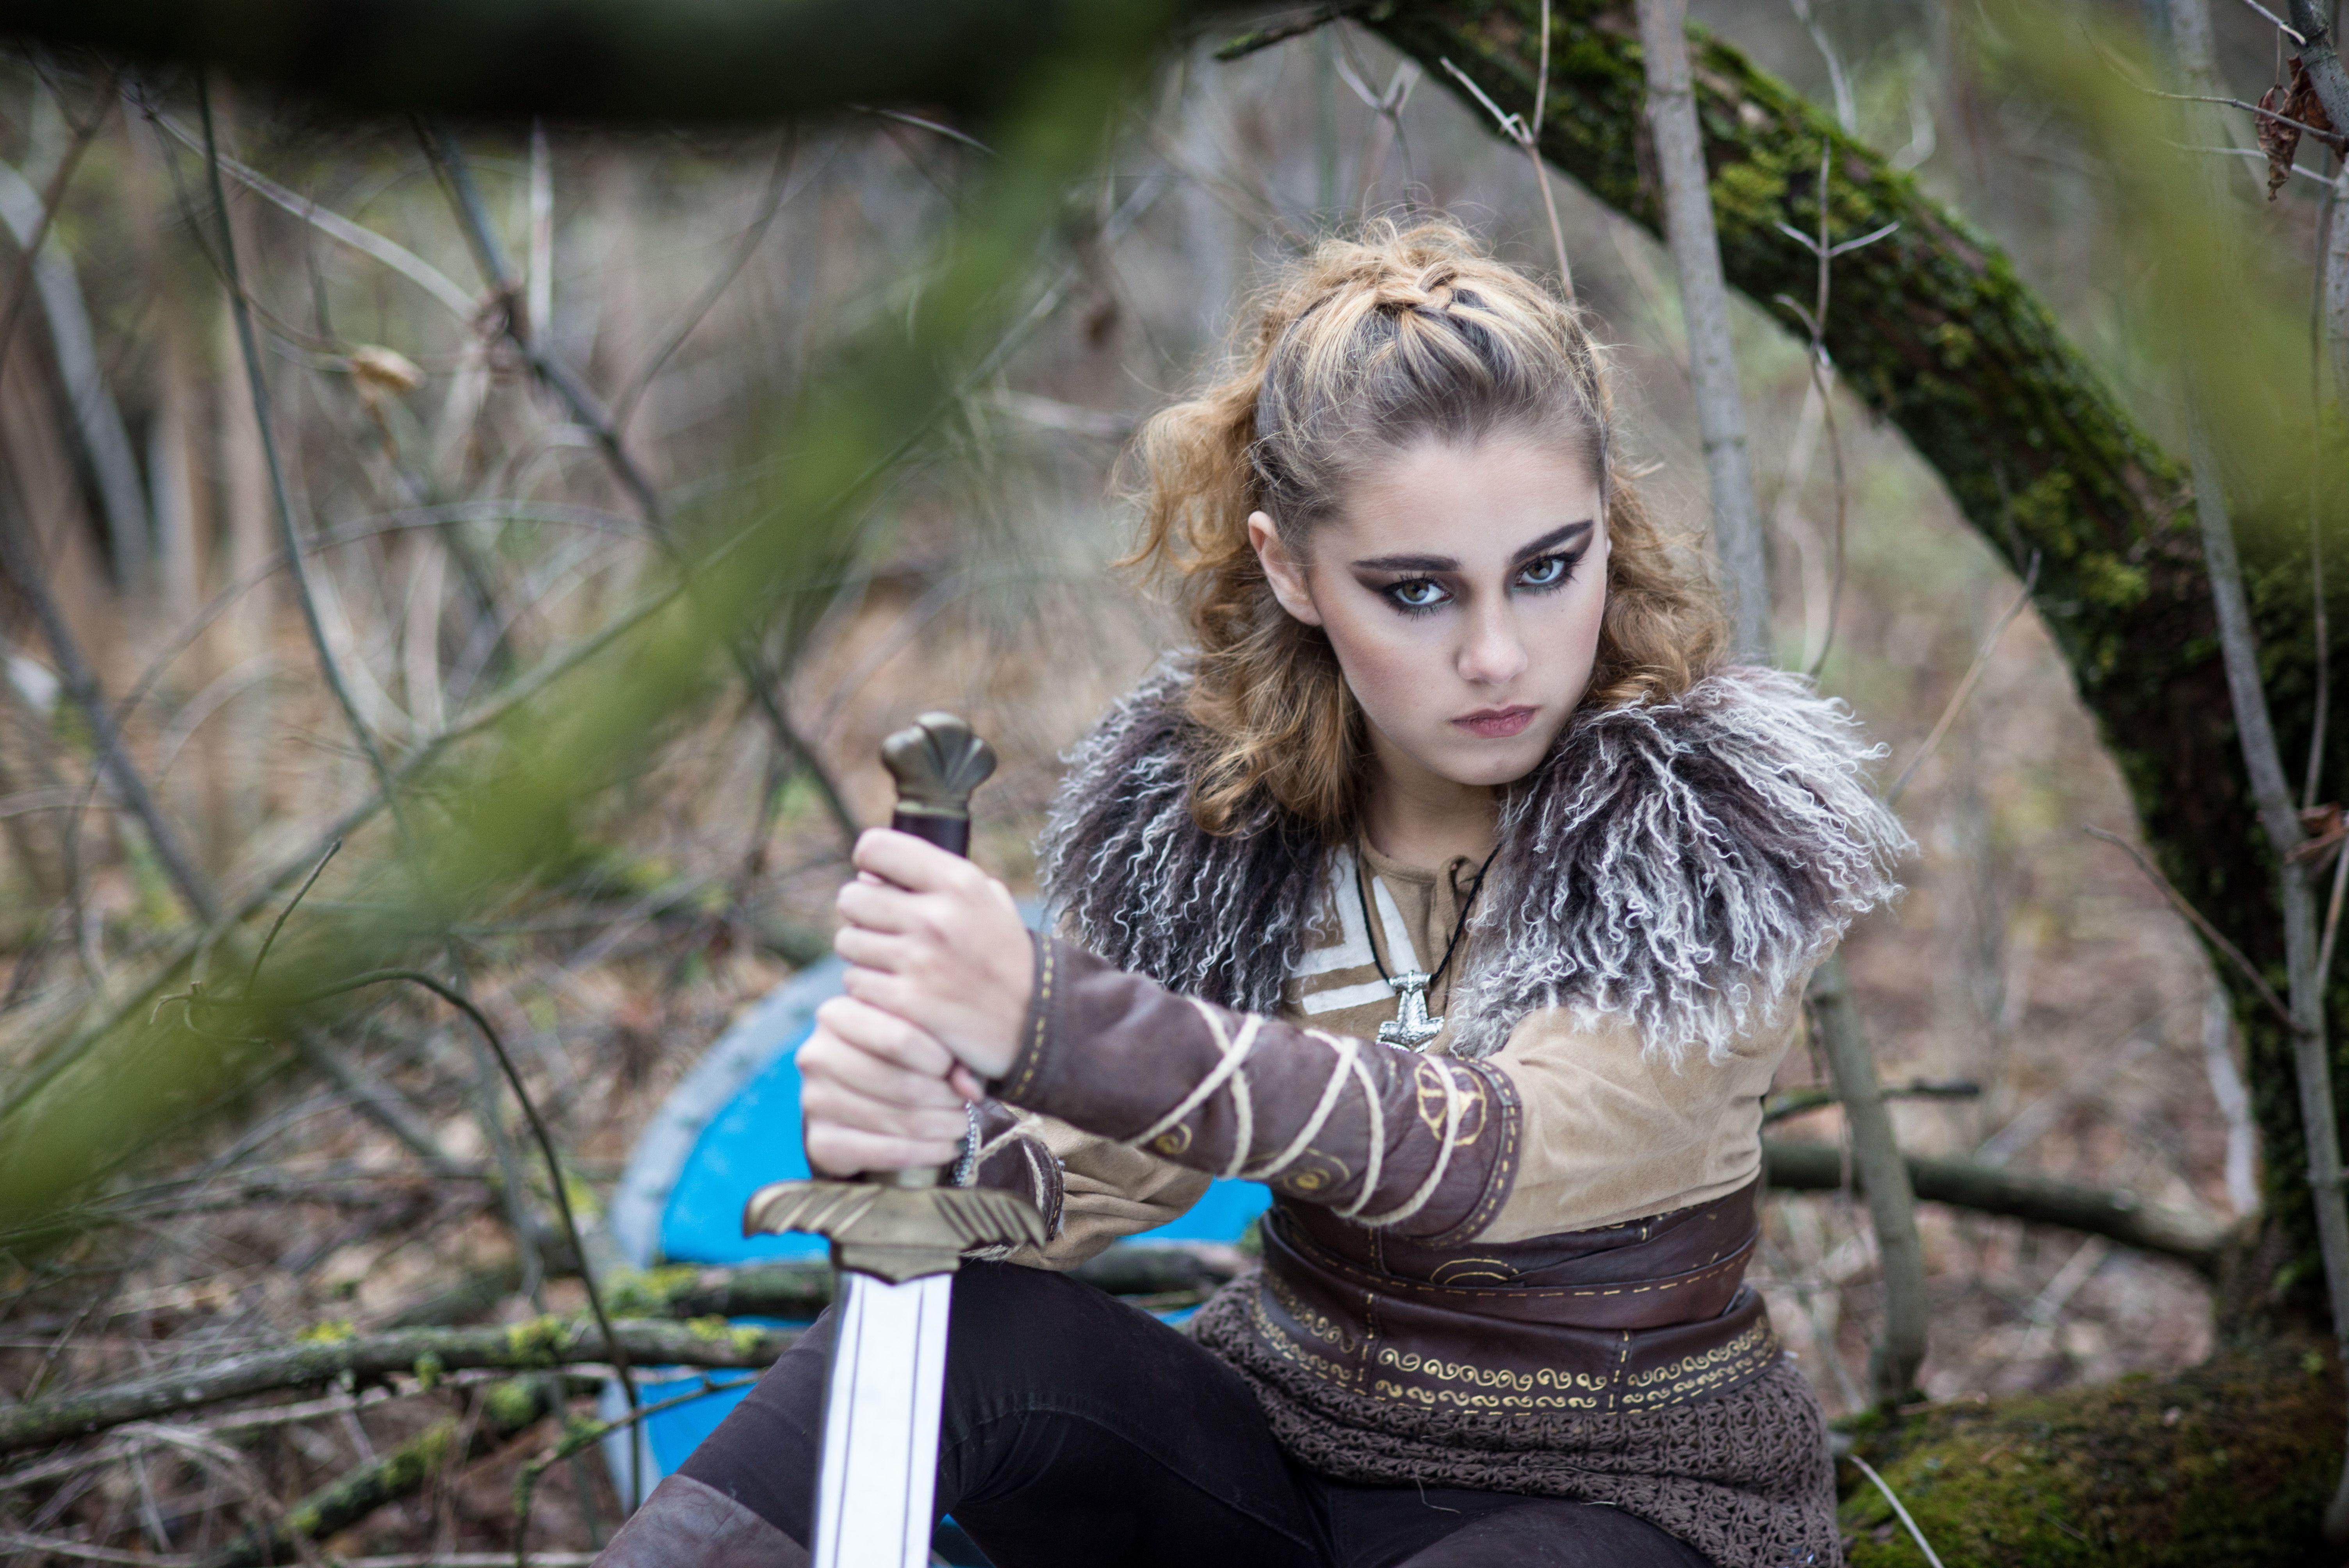 товарный москва фотосессия в стиле викингов главные ценности чистота